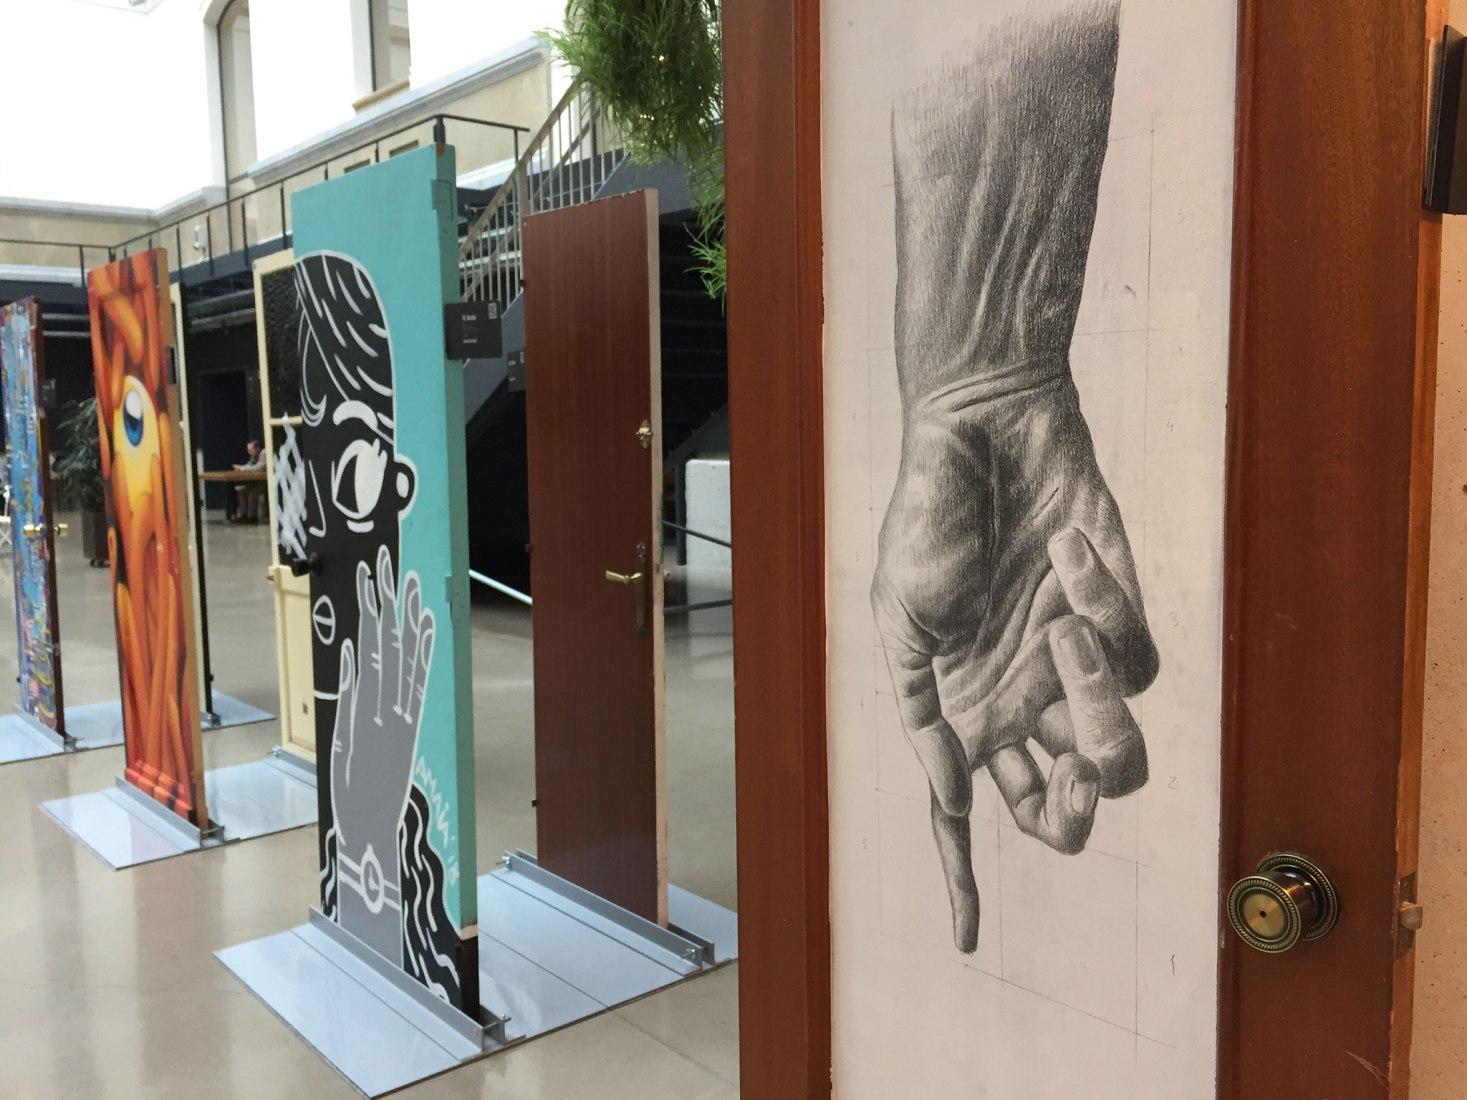 Vista de la exposición en el Centro de Cultura Contemporánea Tabakalera.